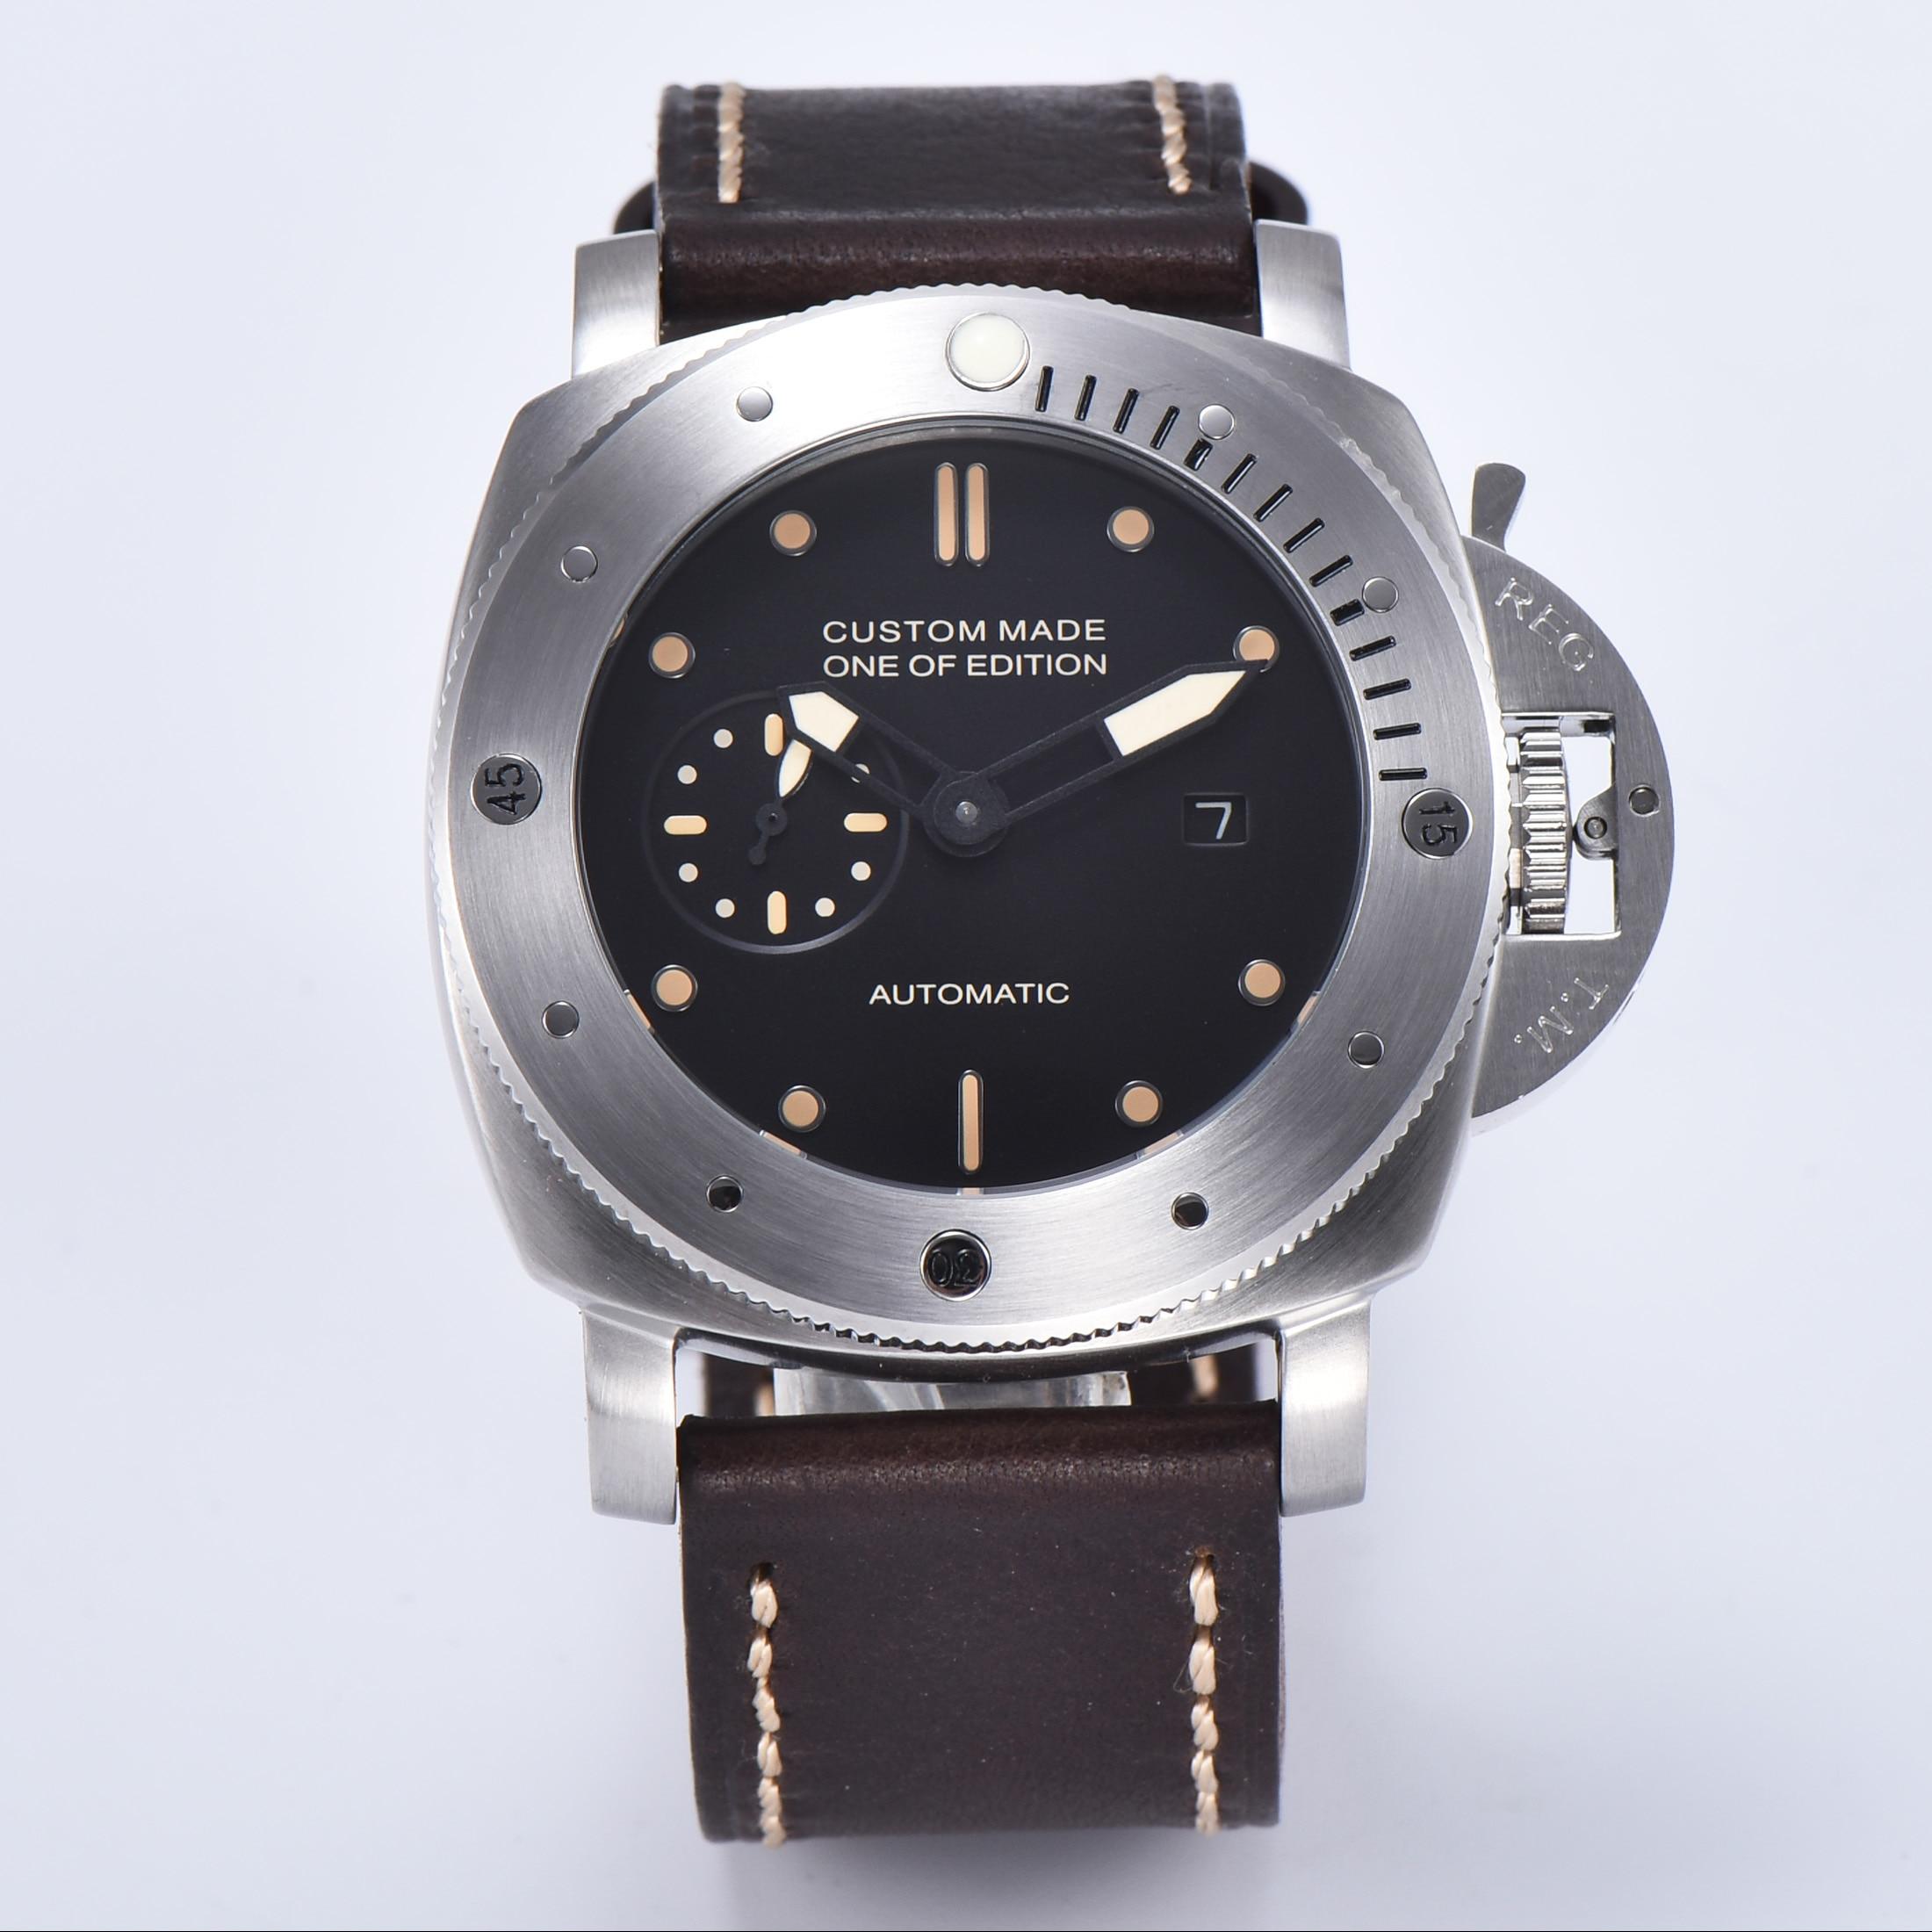 자동 시계 47mm 레트로 pvd 실버 스테인레스 스틸 케이스 뒤 표지 전시 군사 블랙 다이얼 543-에서기계식 시계부터 시계 의  그룹 1